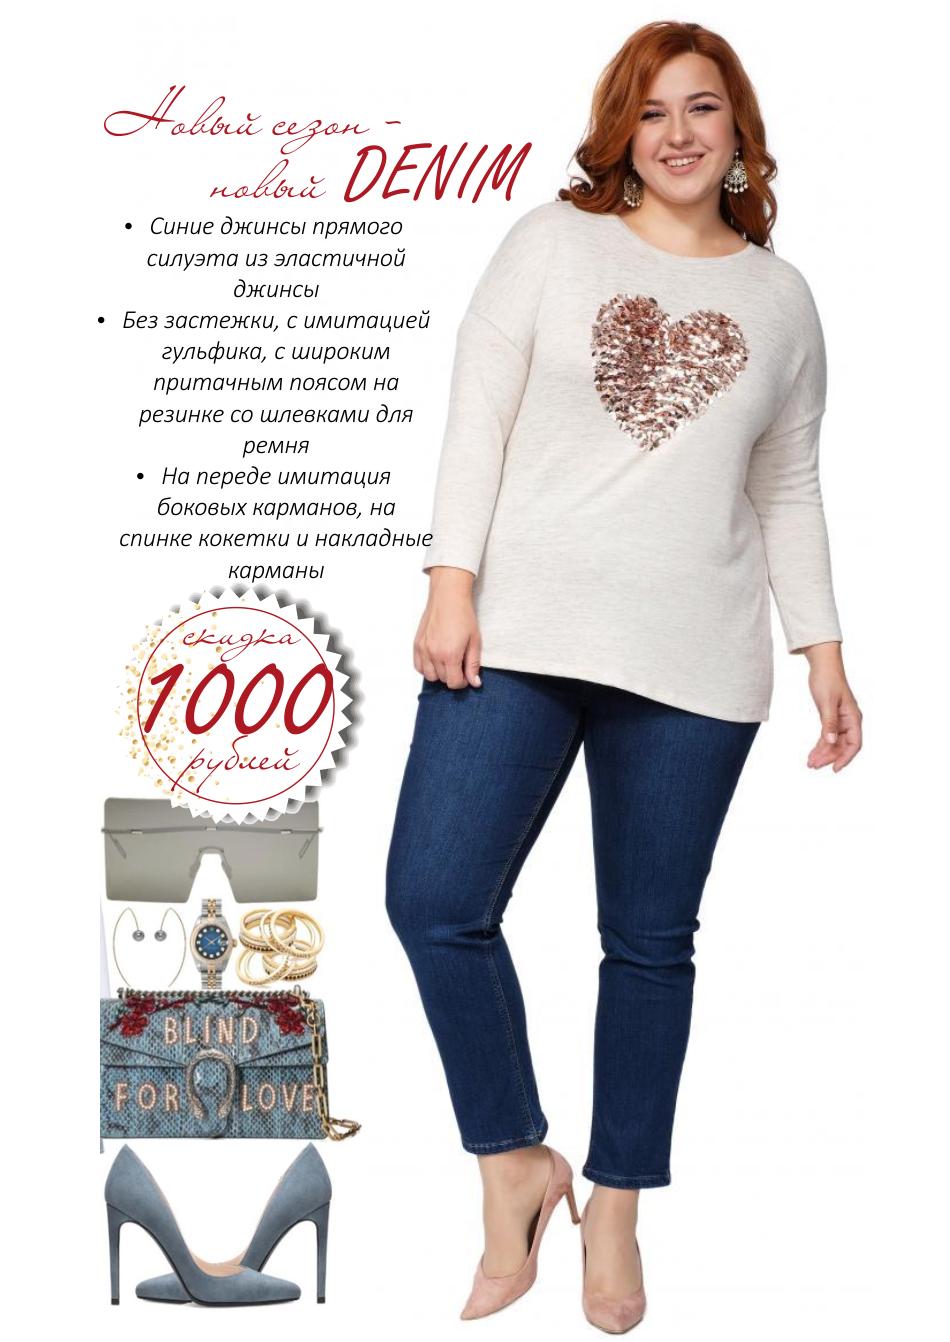 Экспериментируй с самыми разными моделями джинсов в новом сезоне -  минус 1000 рублей на новинки